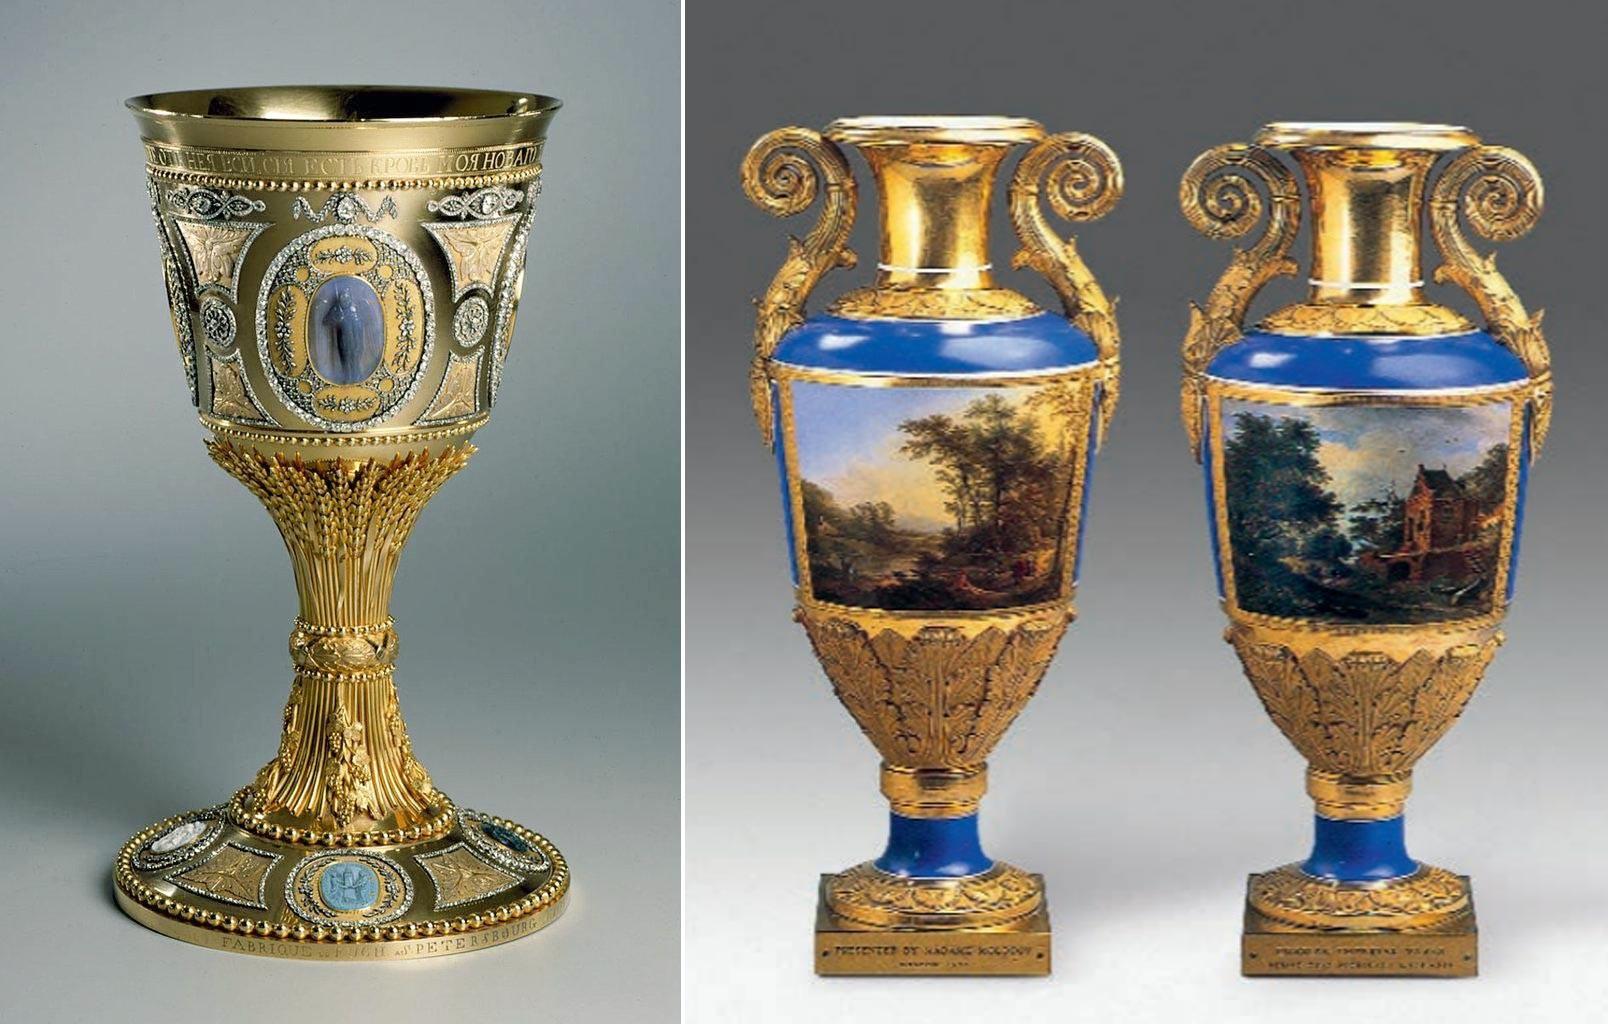 Imperial Porcelain vases